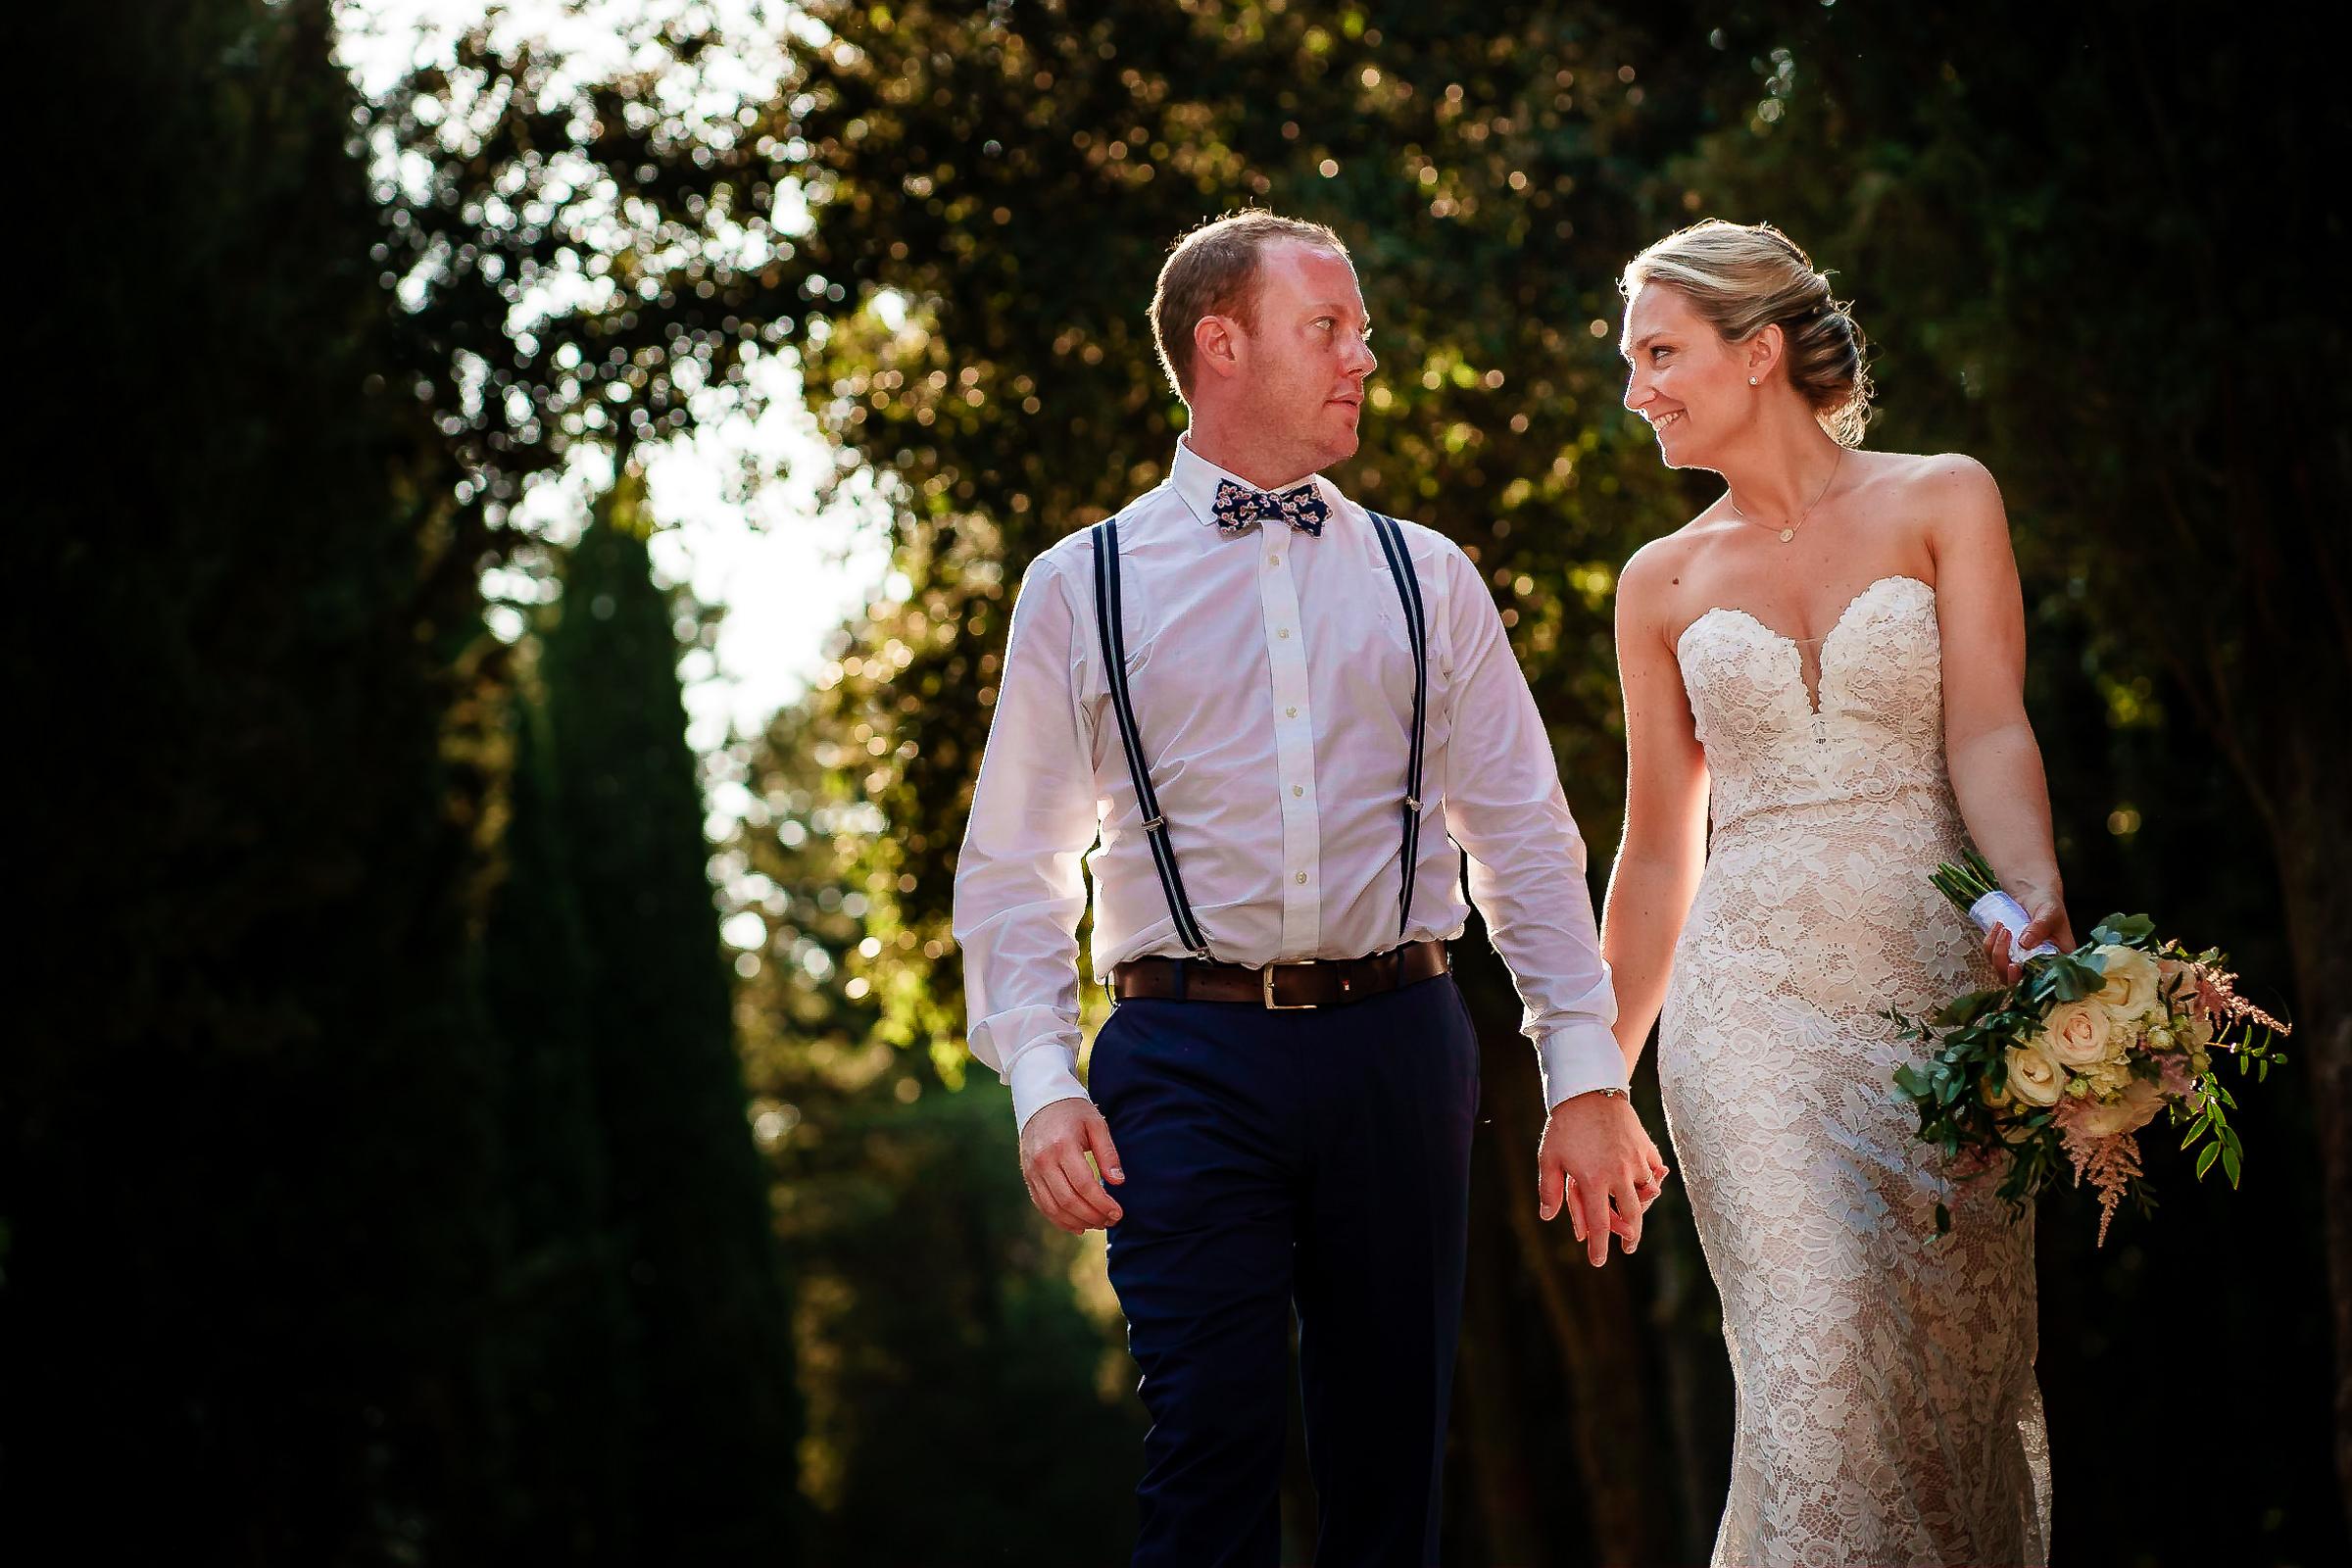 Huwelijksfotograaf Trouwfotograaf Destination Wedding Photographer Italië Italy